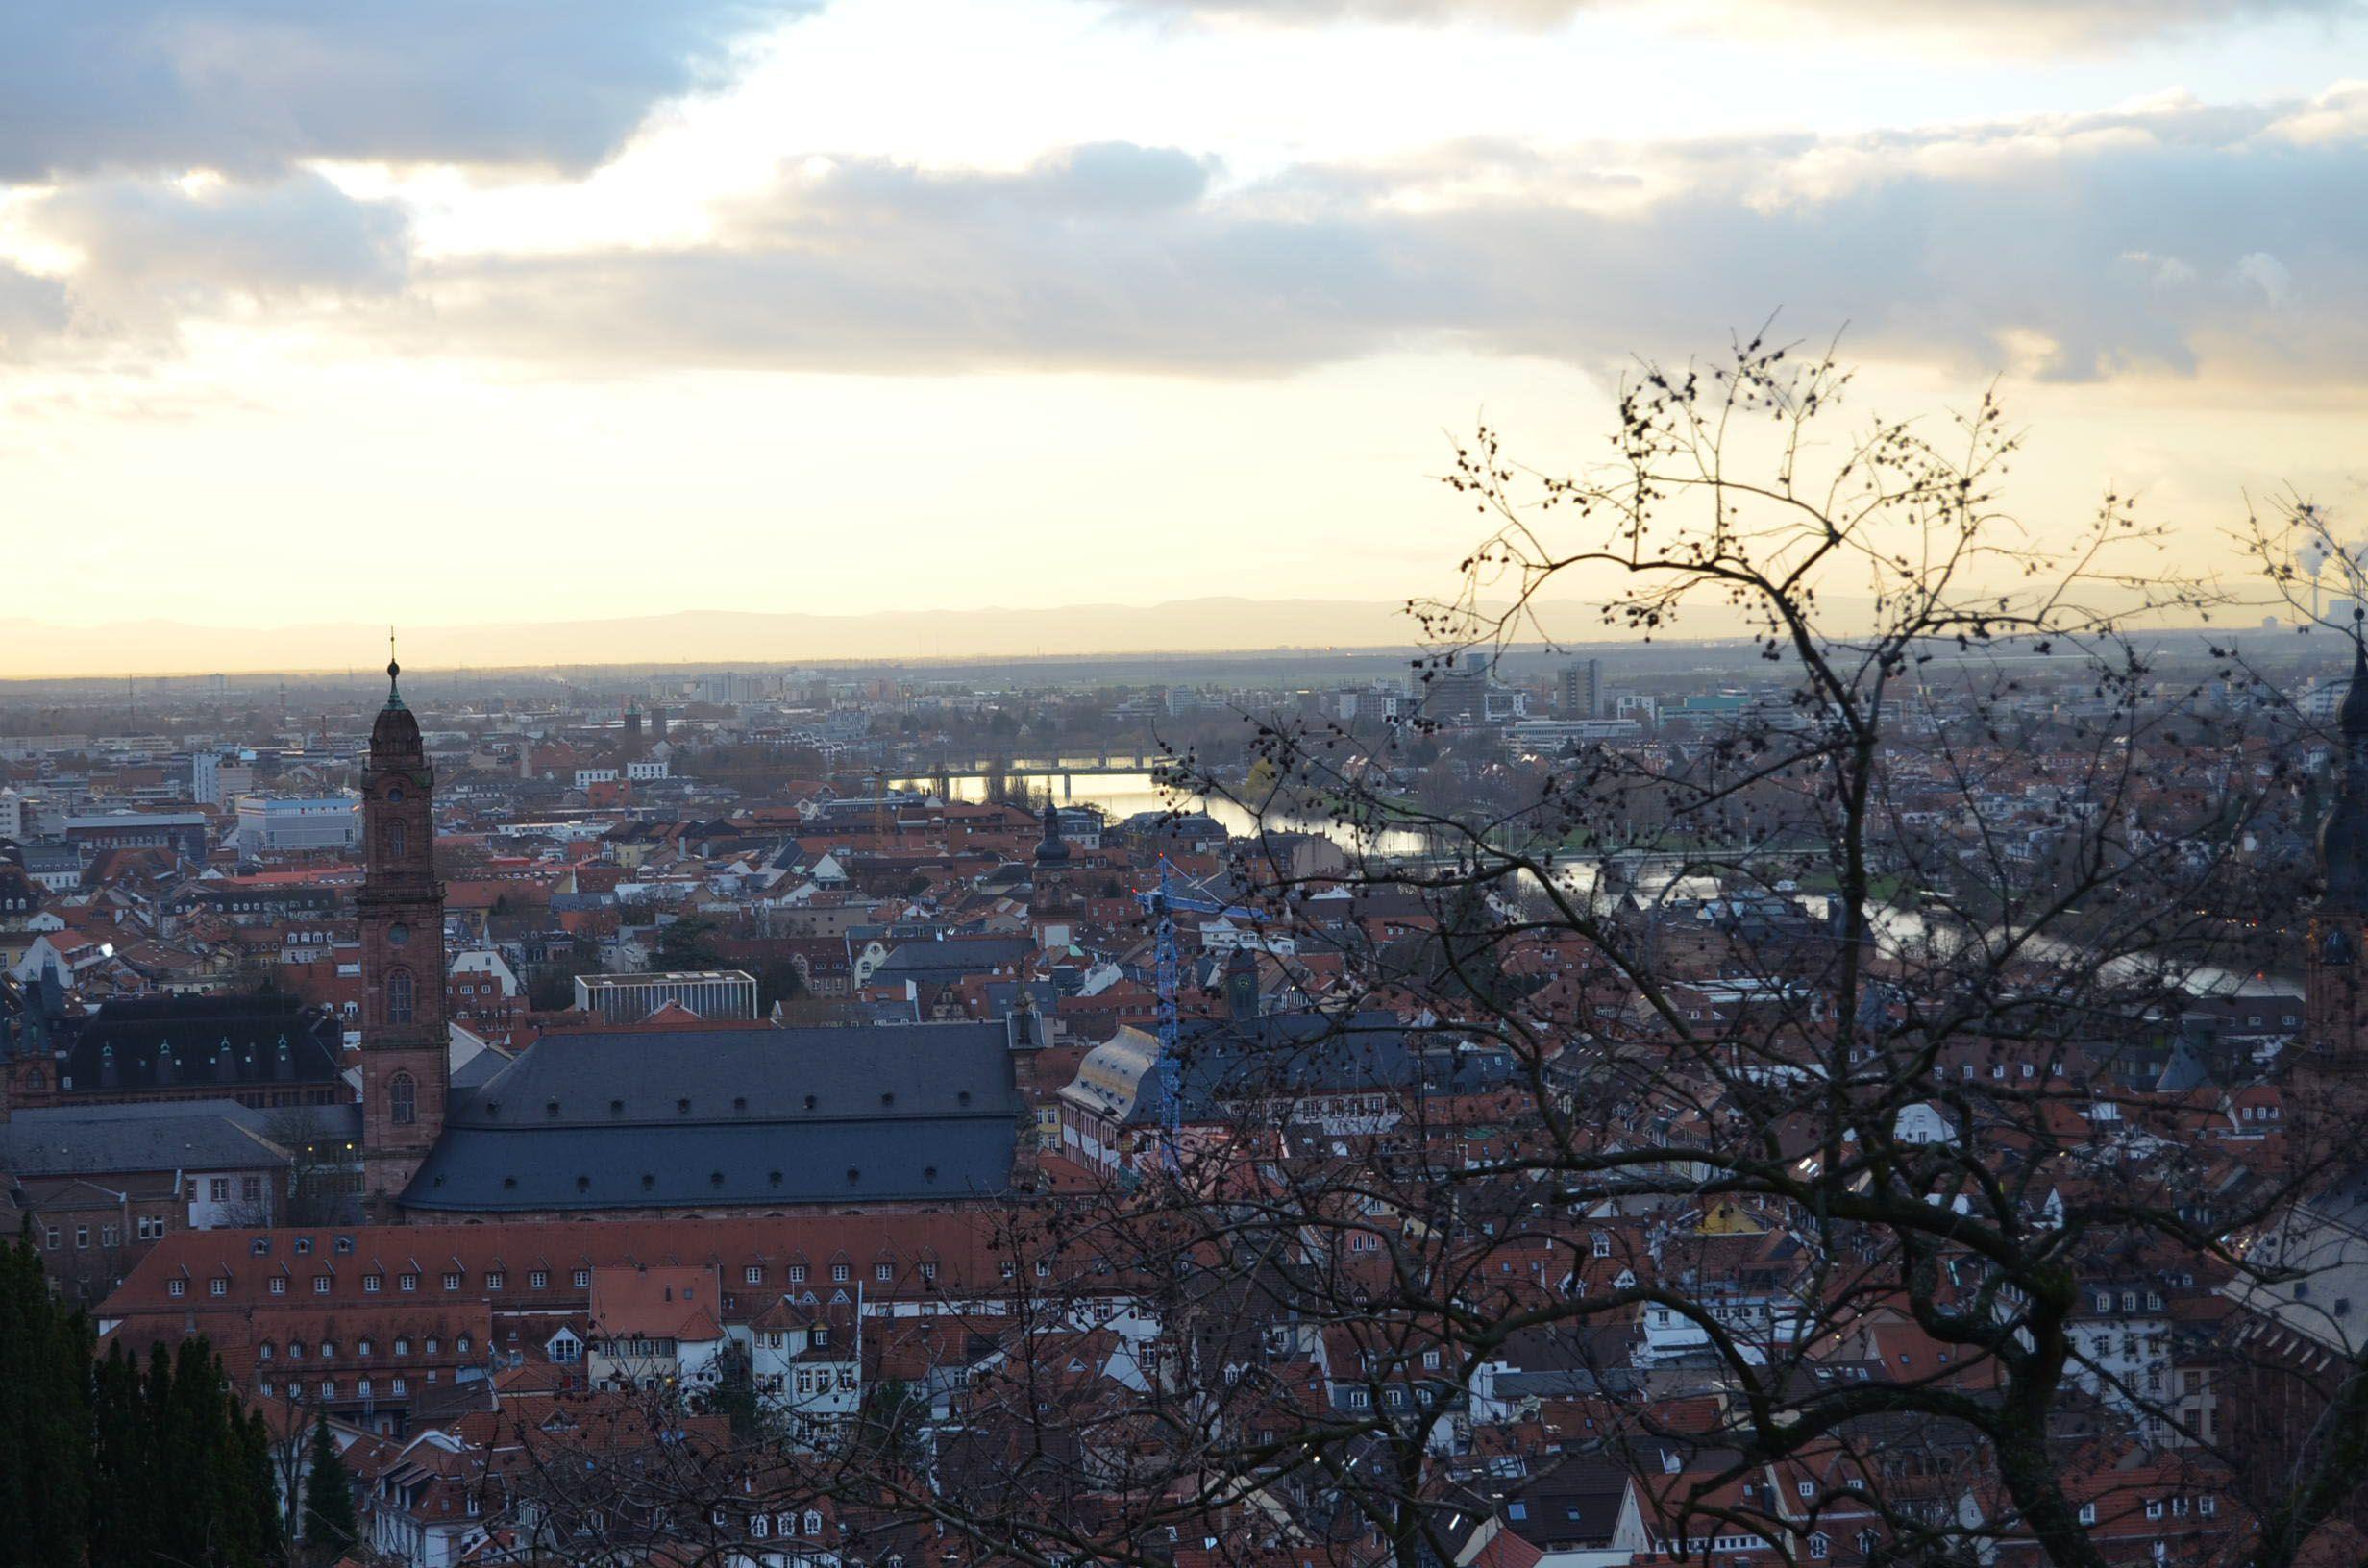 Vistas Castillo Heidelberg